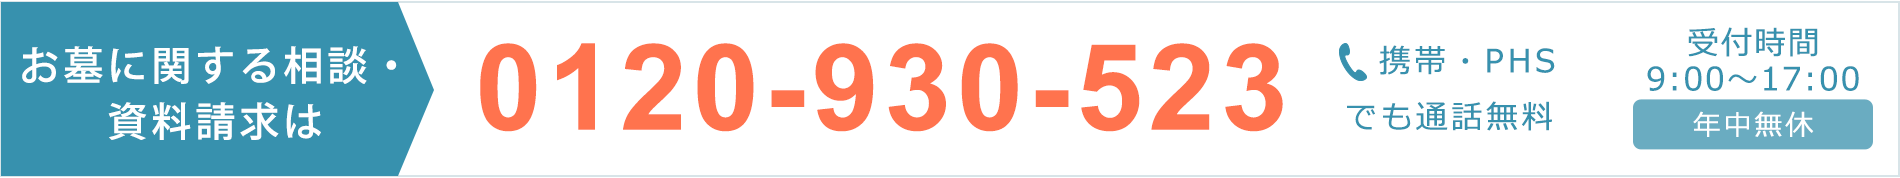 お墓に関する相談・資料請求0120-930-523携帯・PHSでも通話無料受付時間9:00〜17:00年中無休